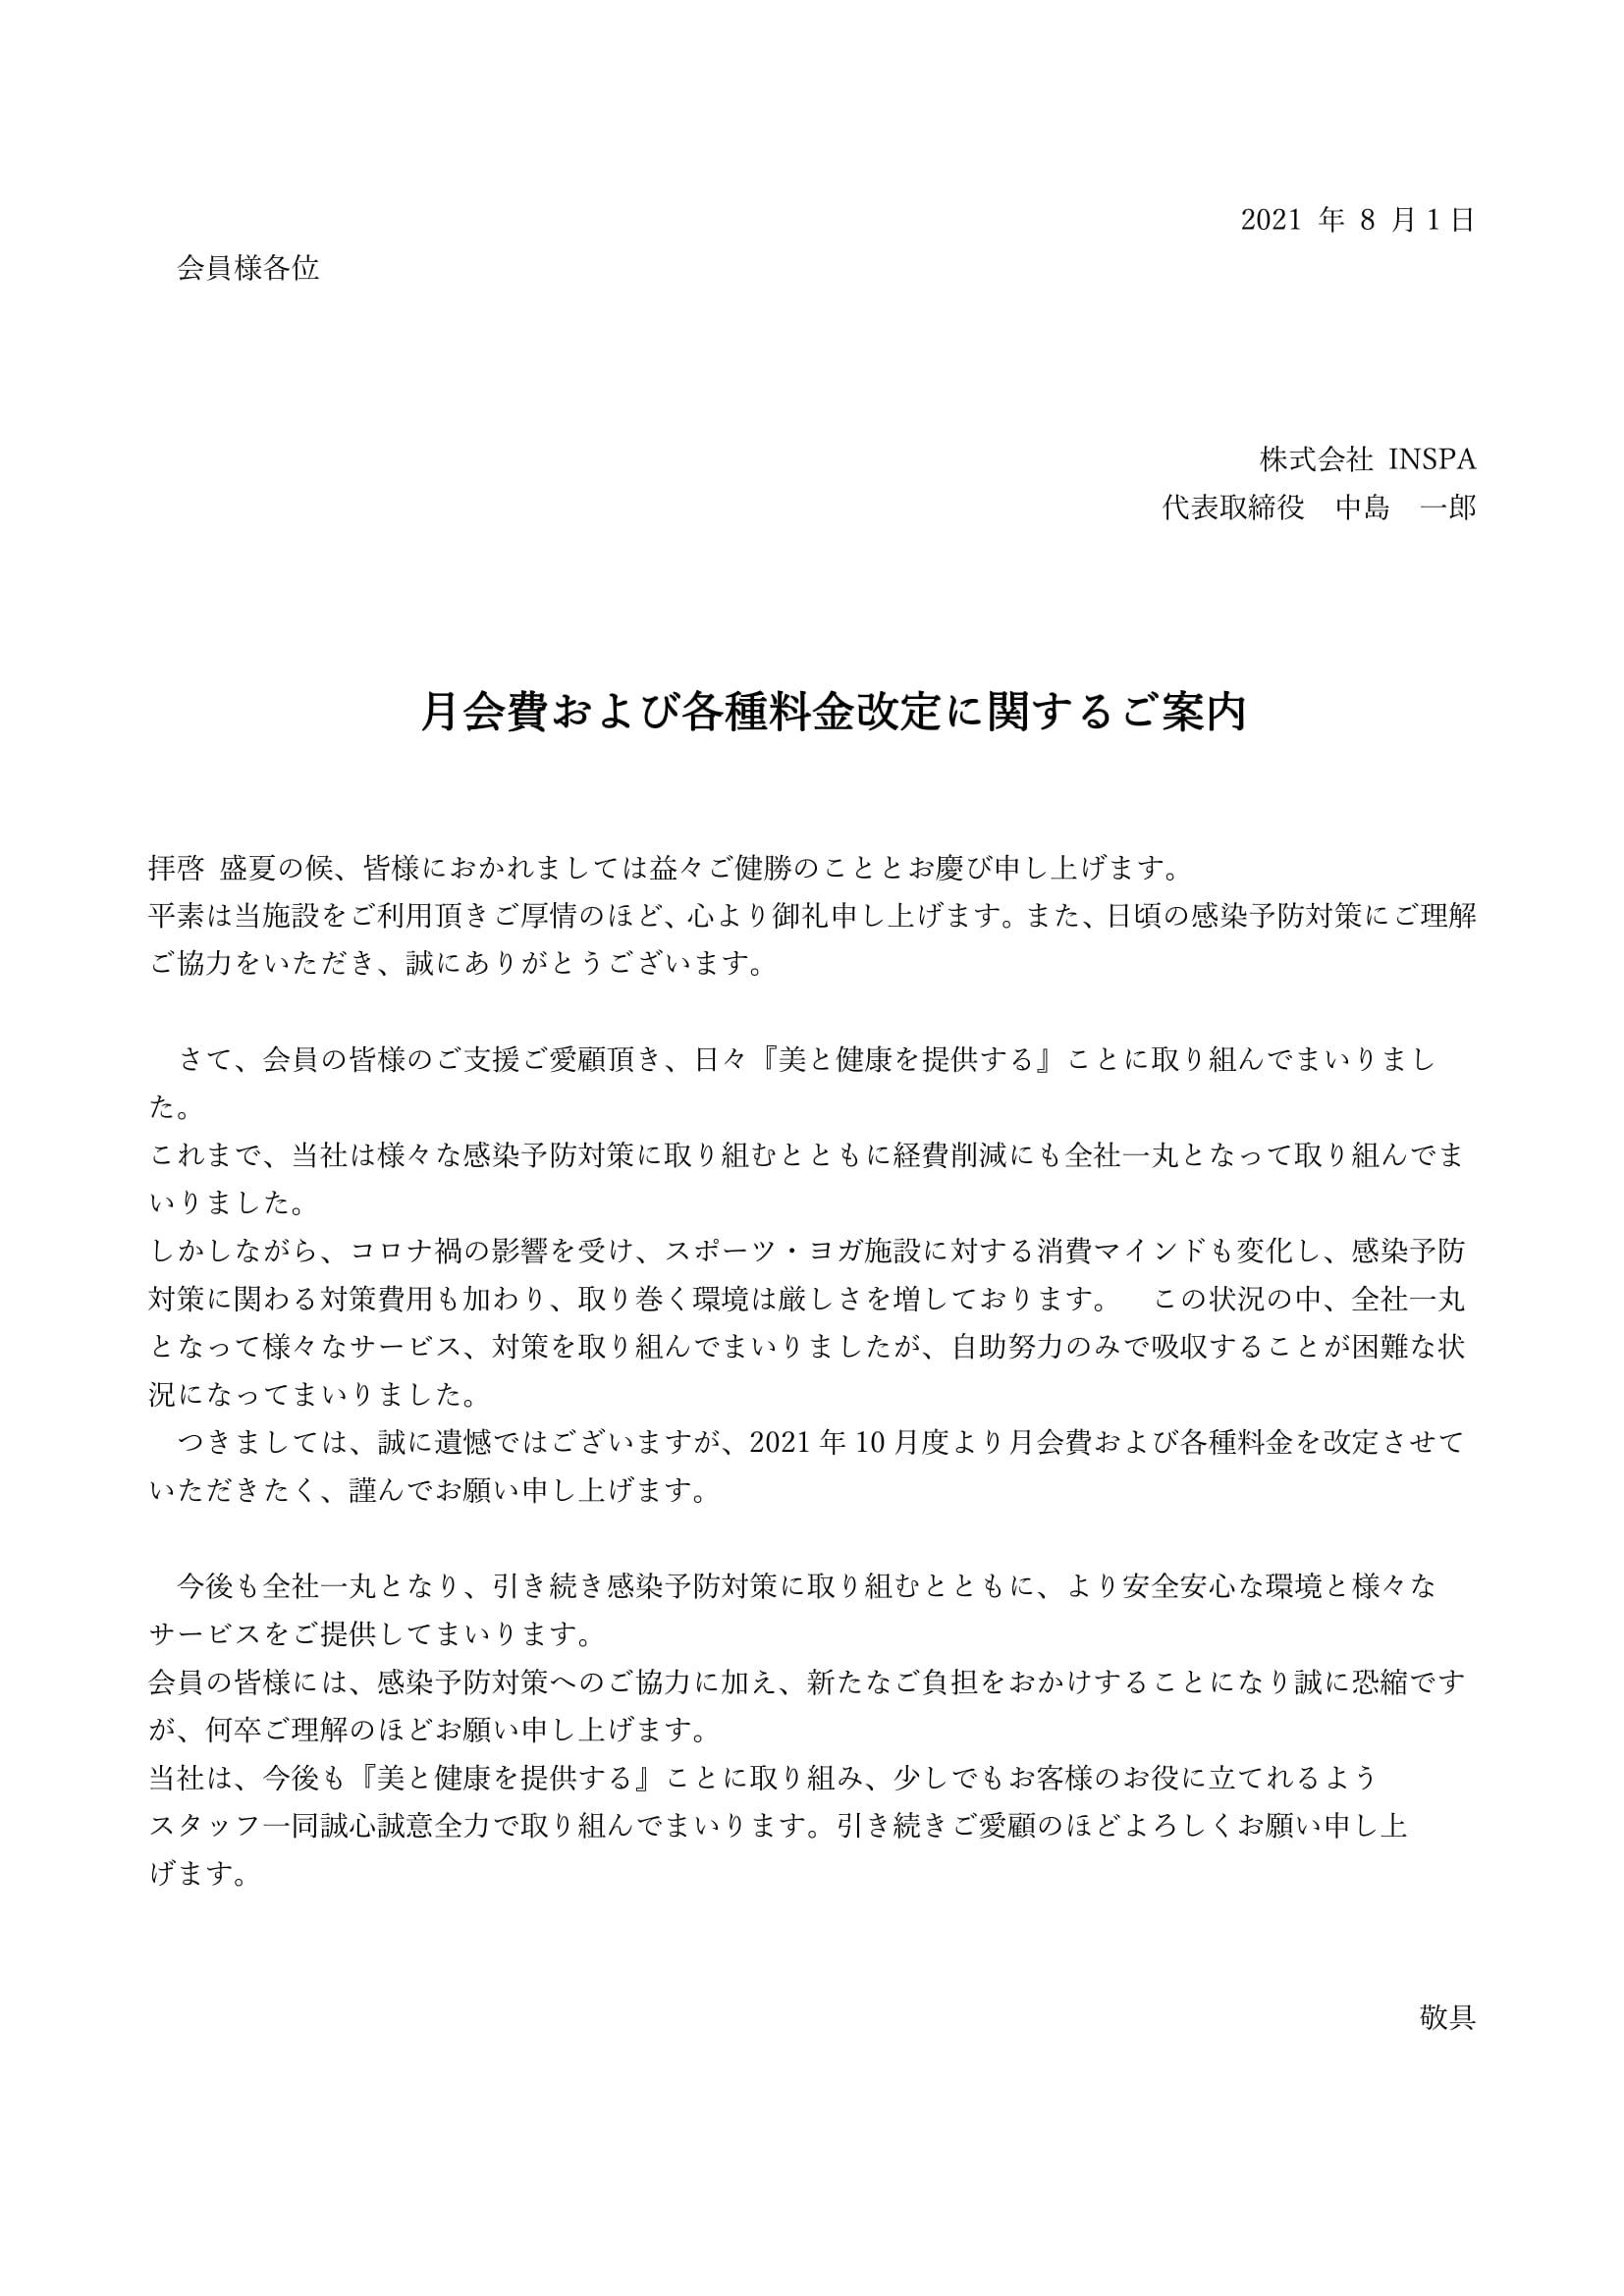 210729  ③【月会費&各種料金値上げ】告知文 (1)-1